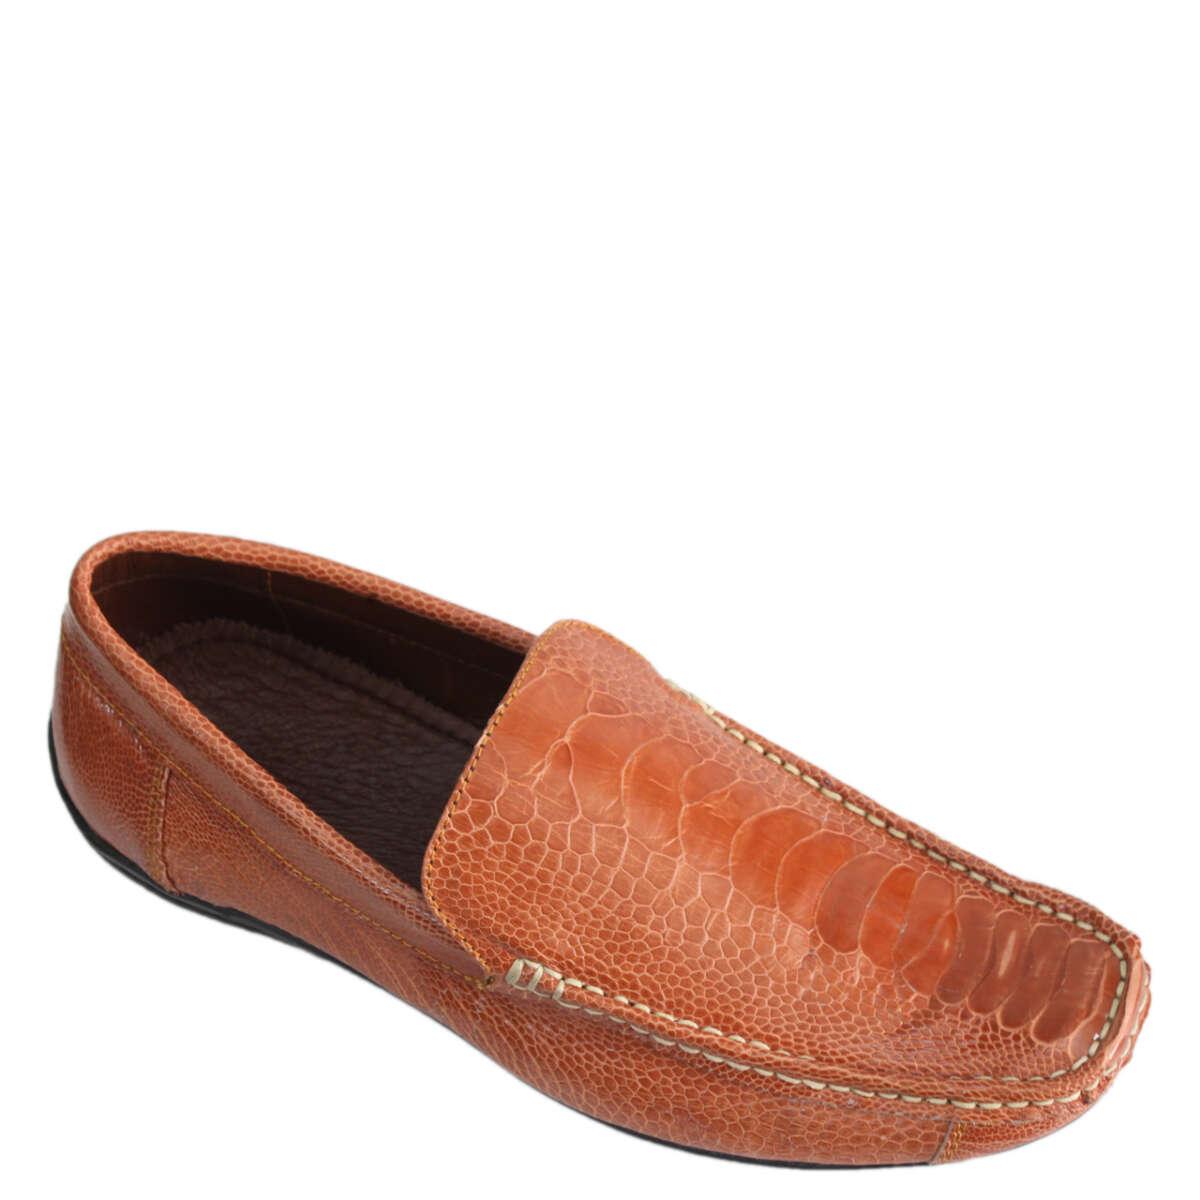 Giày lười nam da đà điểu E864a